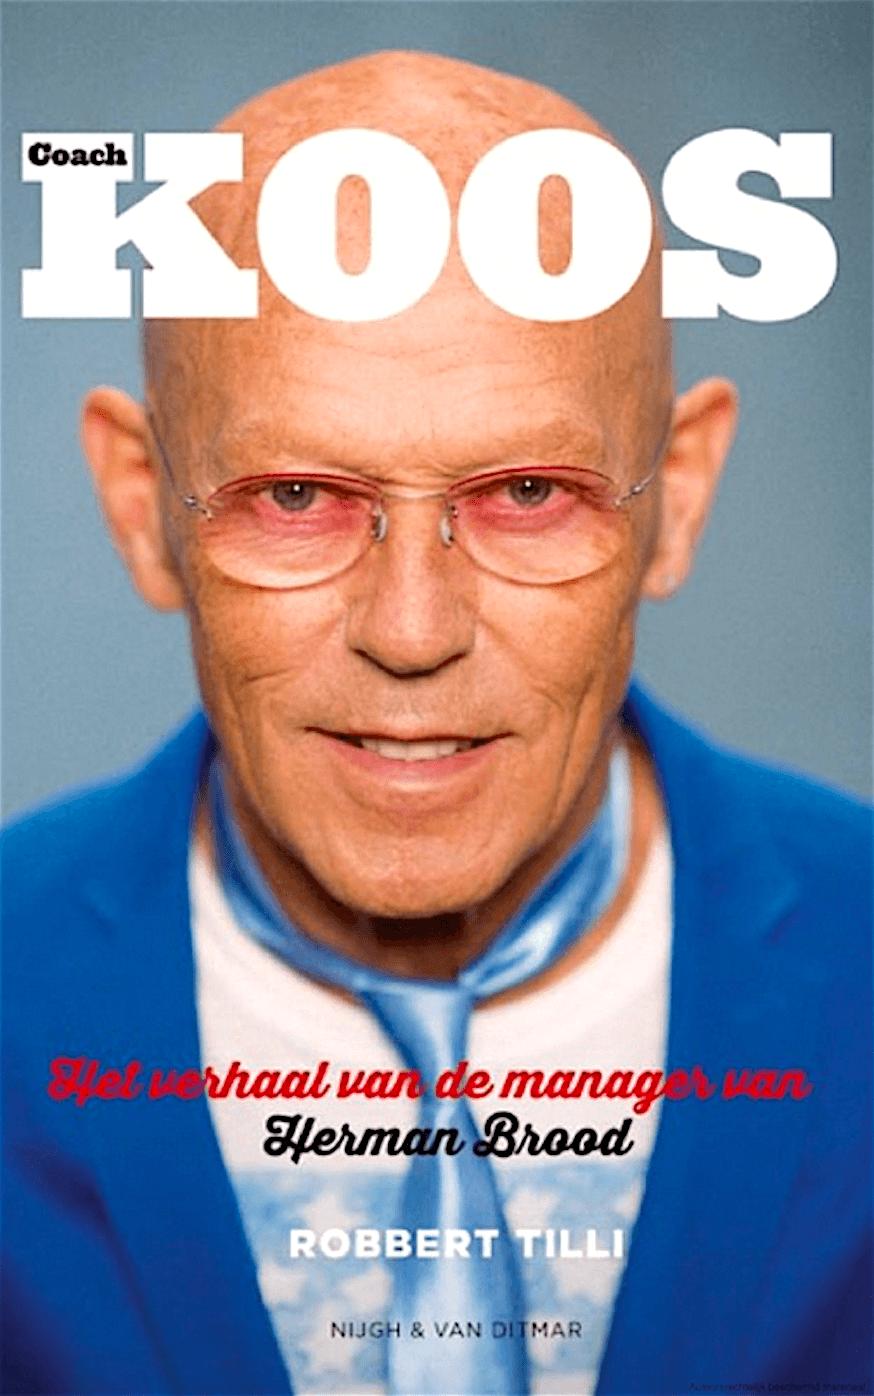 Robbert Tilli – Koos: het verhaal van de manager van Herman Brood